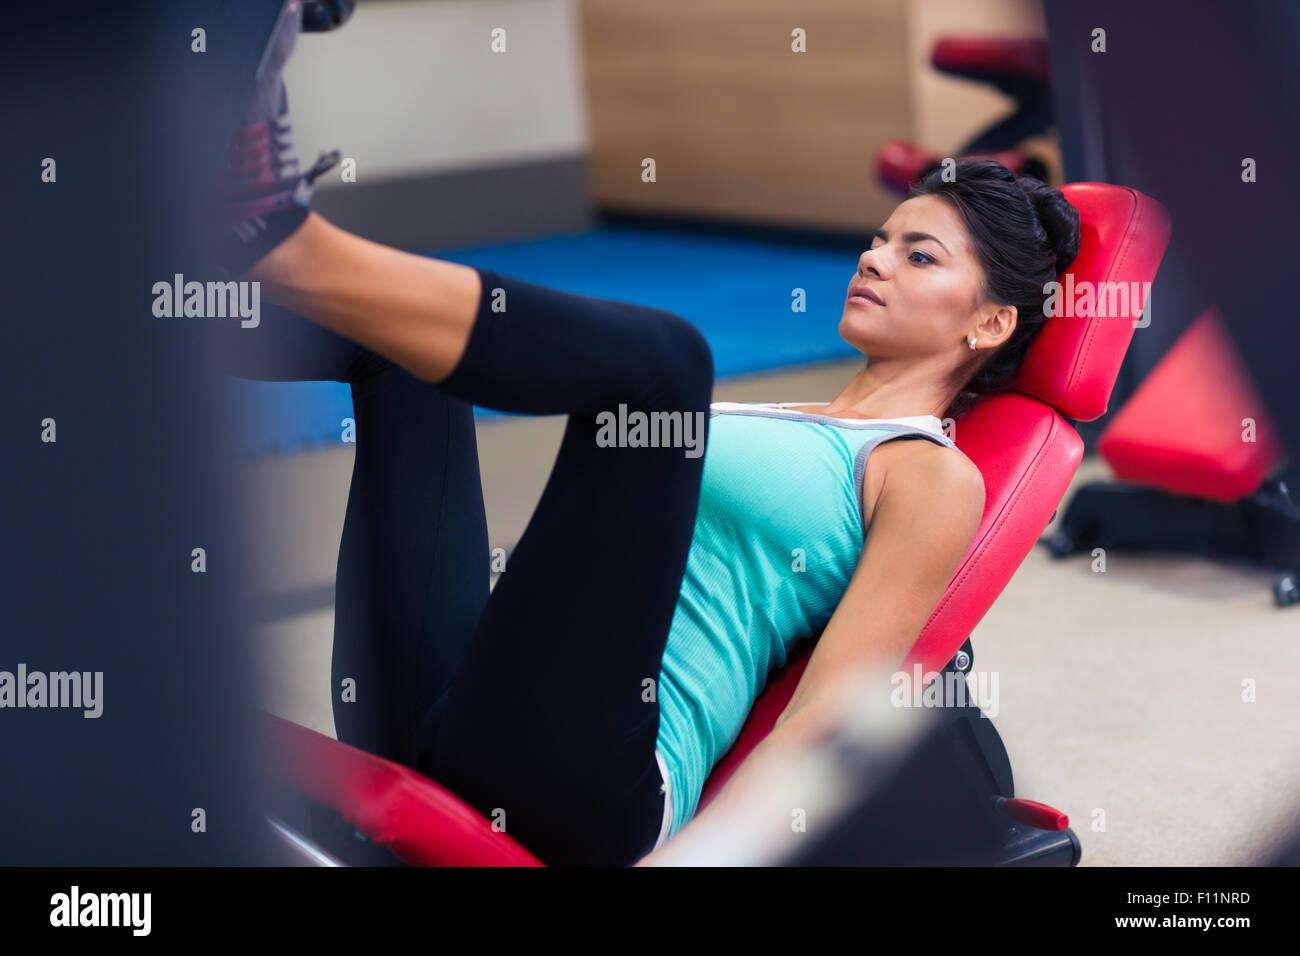 Retrato de una mujer deportiva en ejercicios de entrenamiento en el gimnasio de la máquina Imagen De Stock